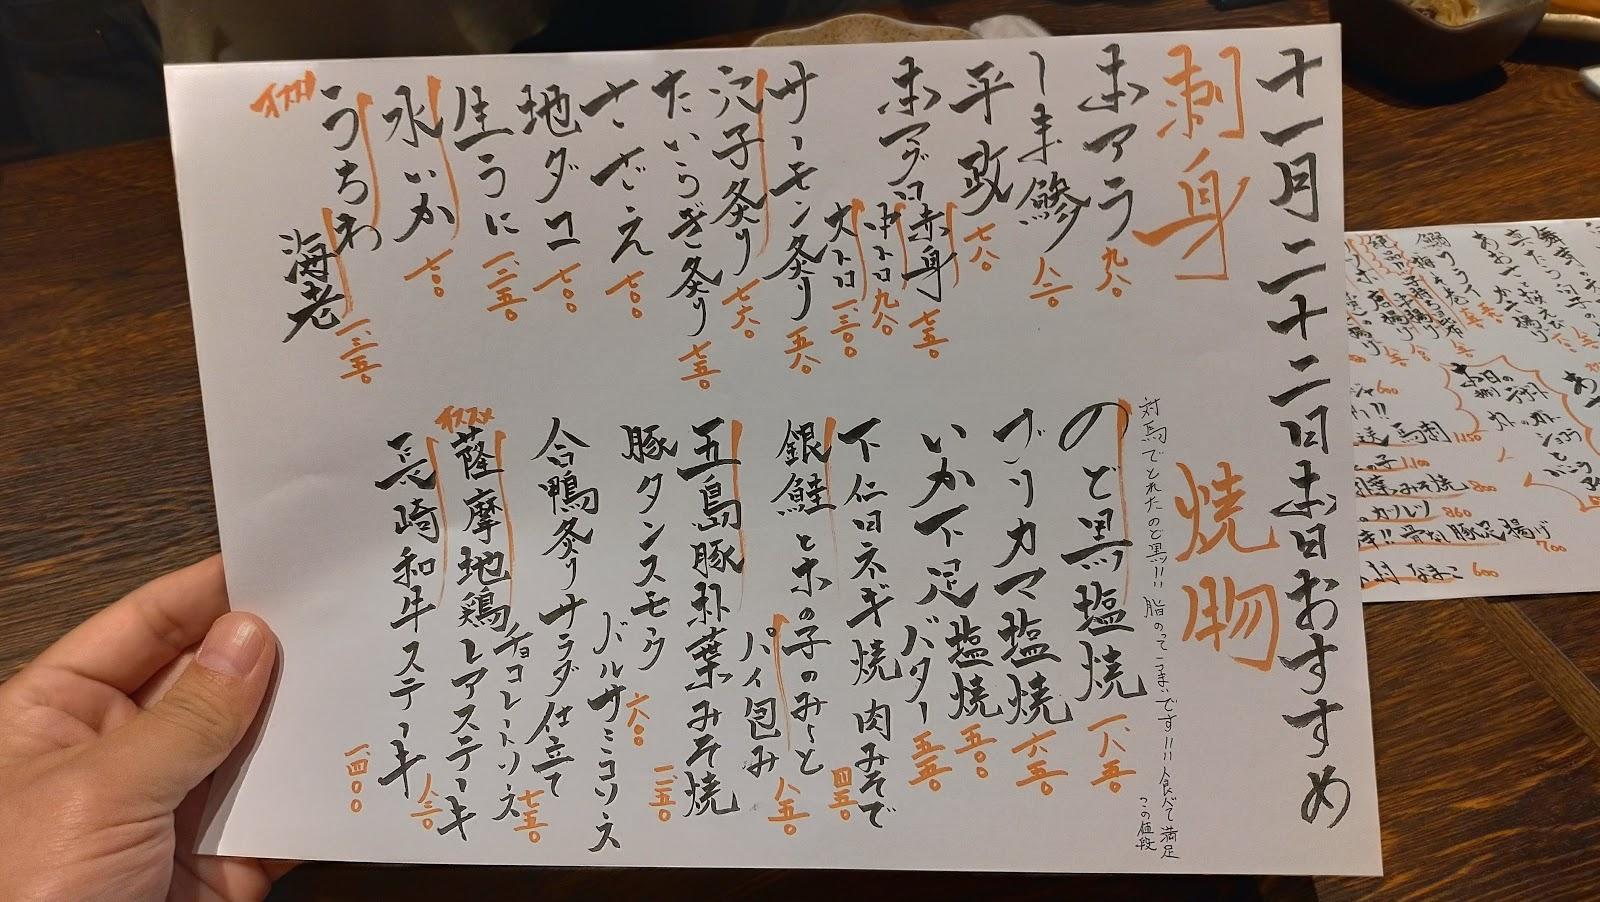 メニュー 長崎市居酒屋の魚店亜紗 (うおだなあさ)がスーパーおすすめ!